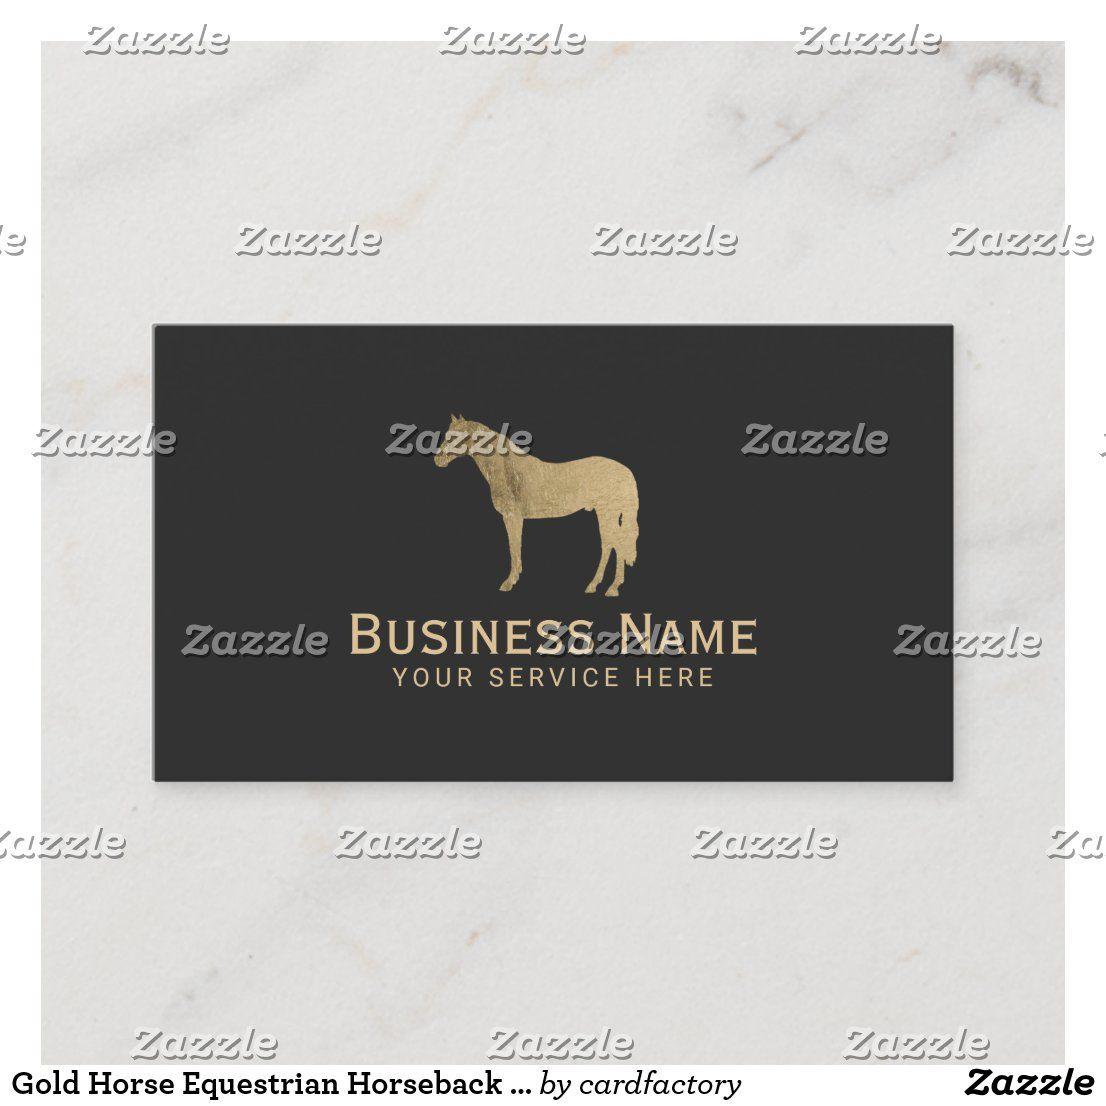 Goldpferdereiterreiten Pferdeartig Visitenkarte Zazzle De Horse Equestrian Horseback Riding Gold Horse